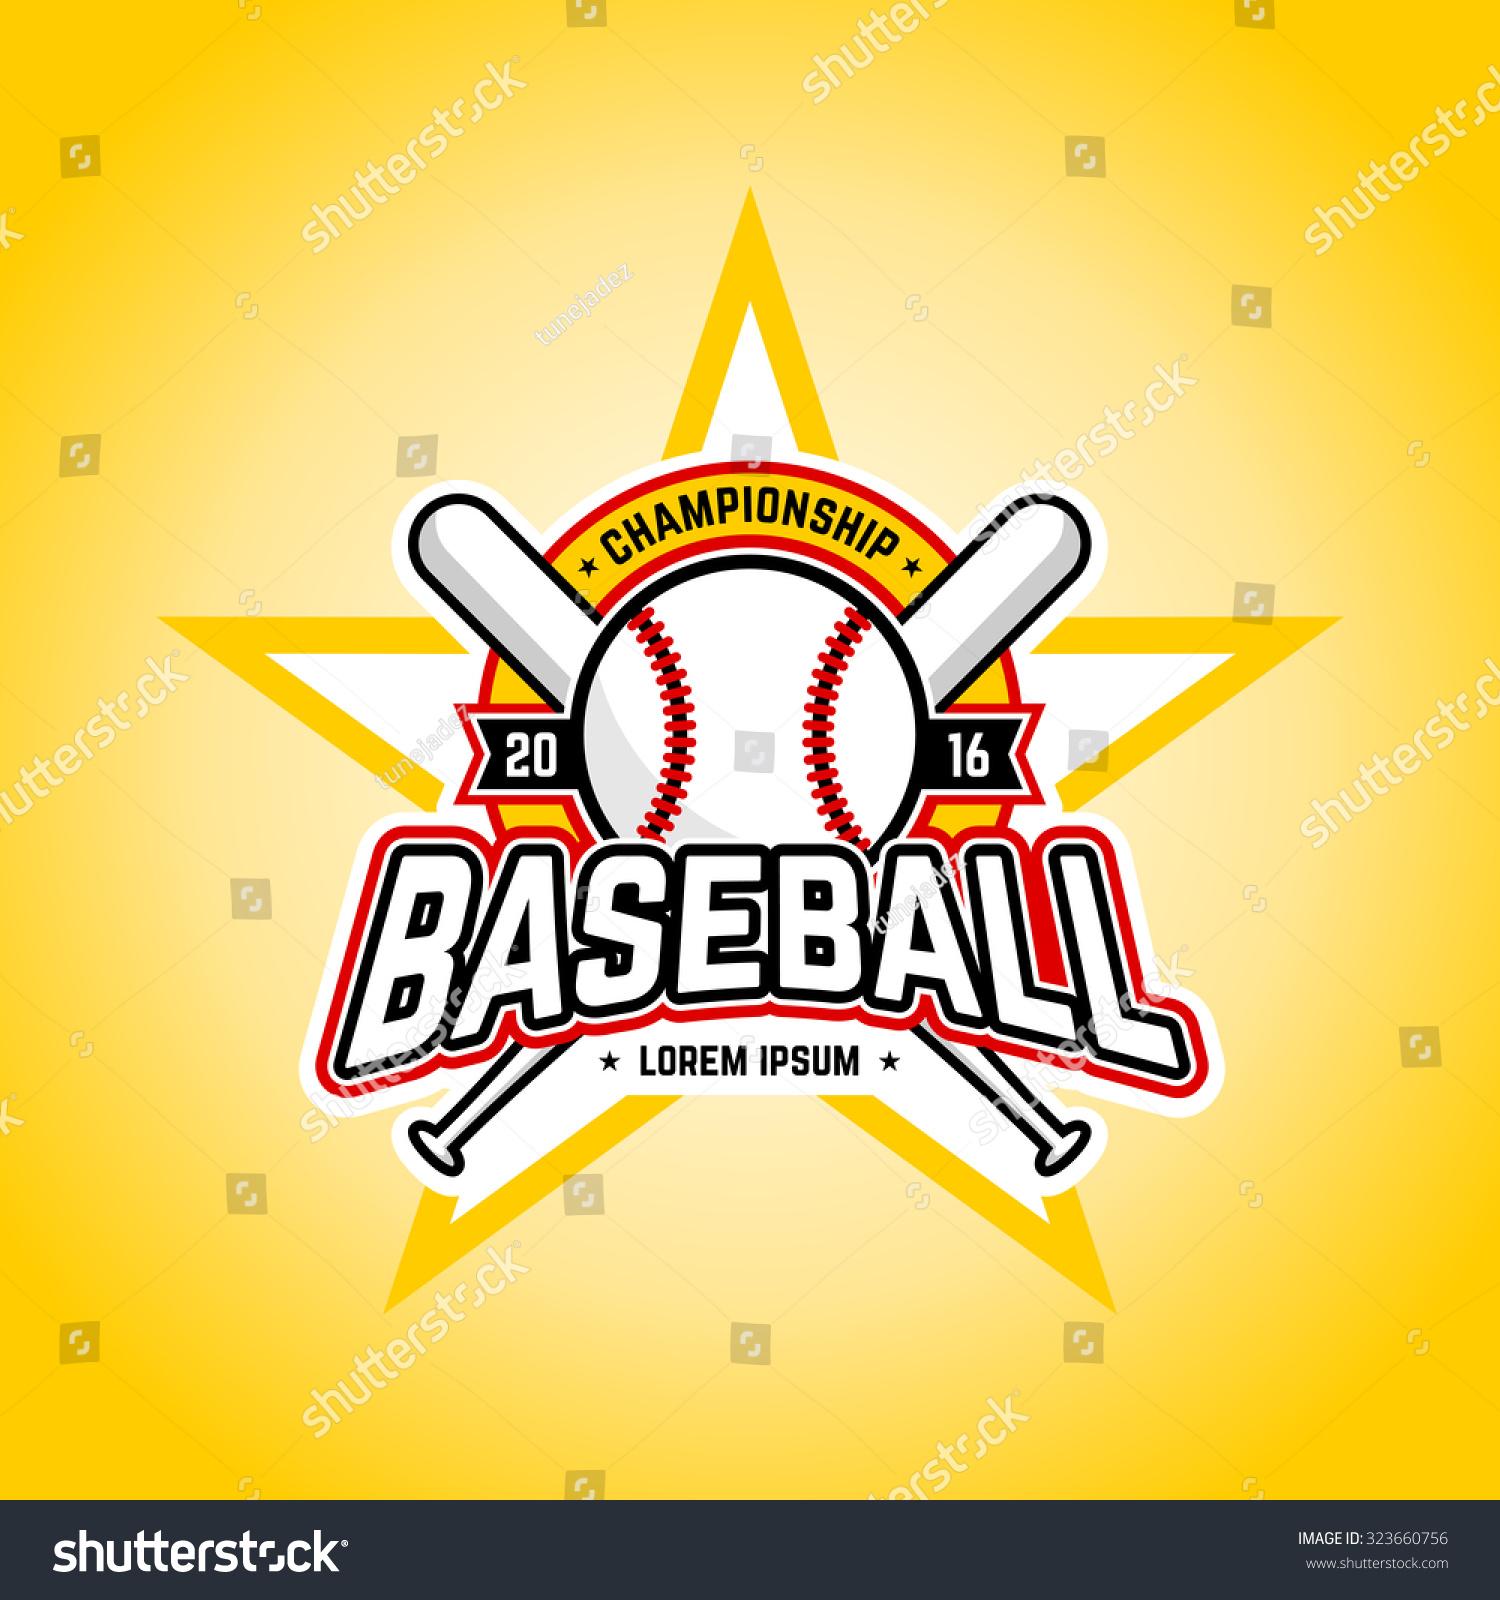 baseball tour nt professional logo vector design stock vector baseball tour nt professional logo vector design template